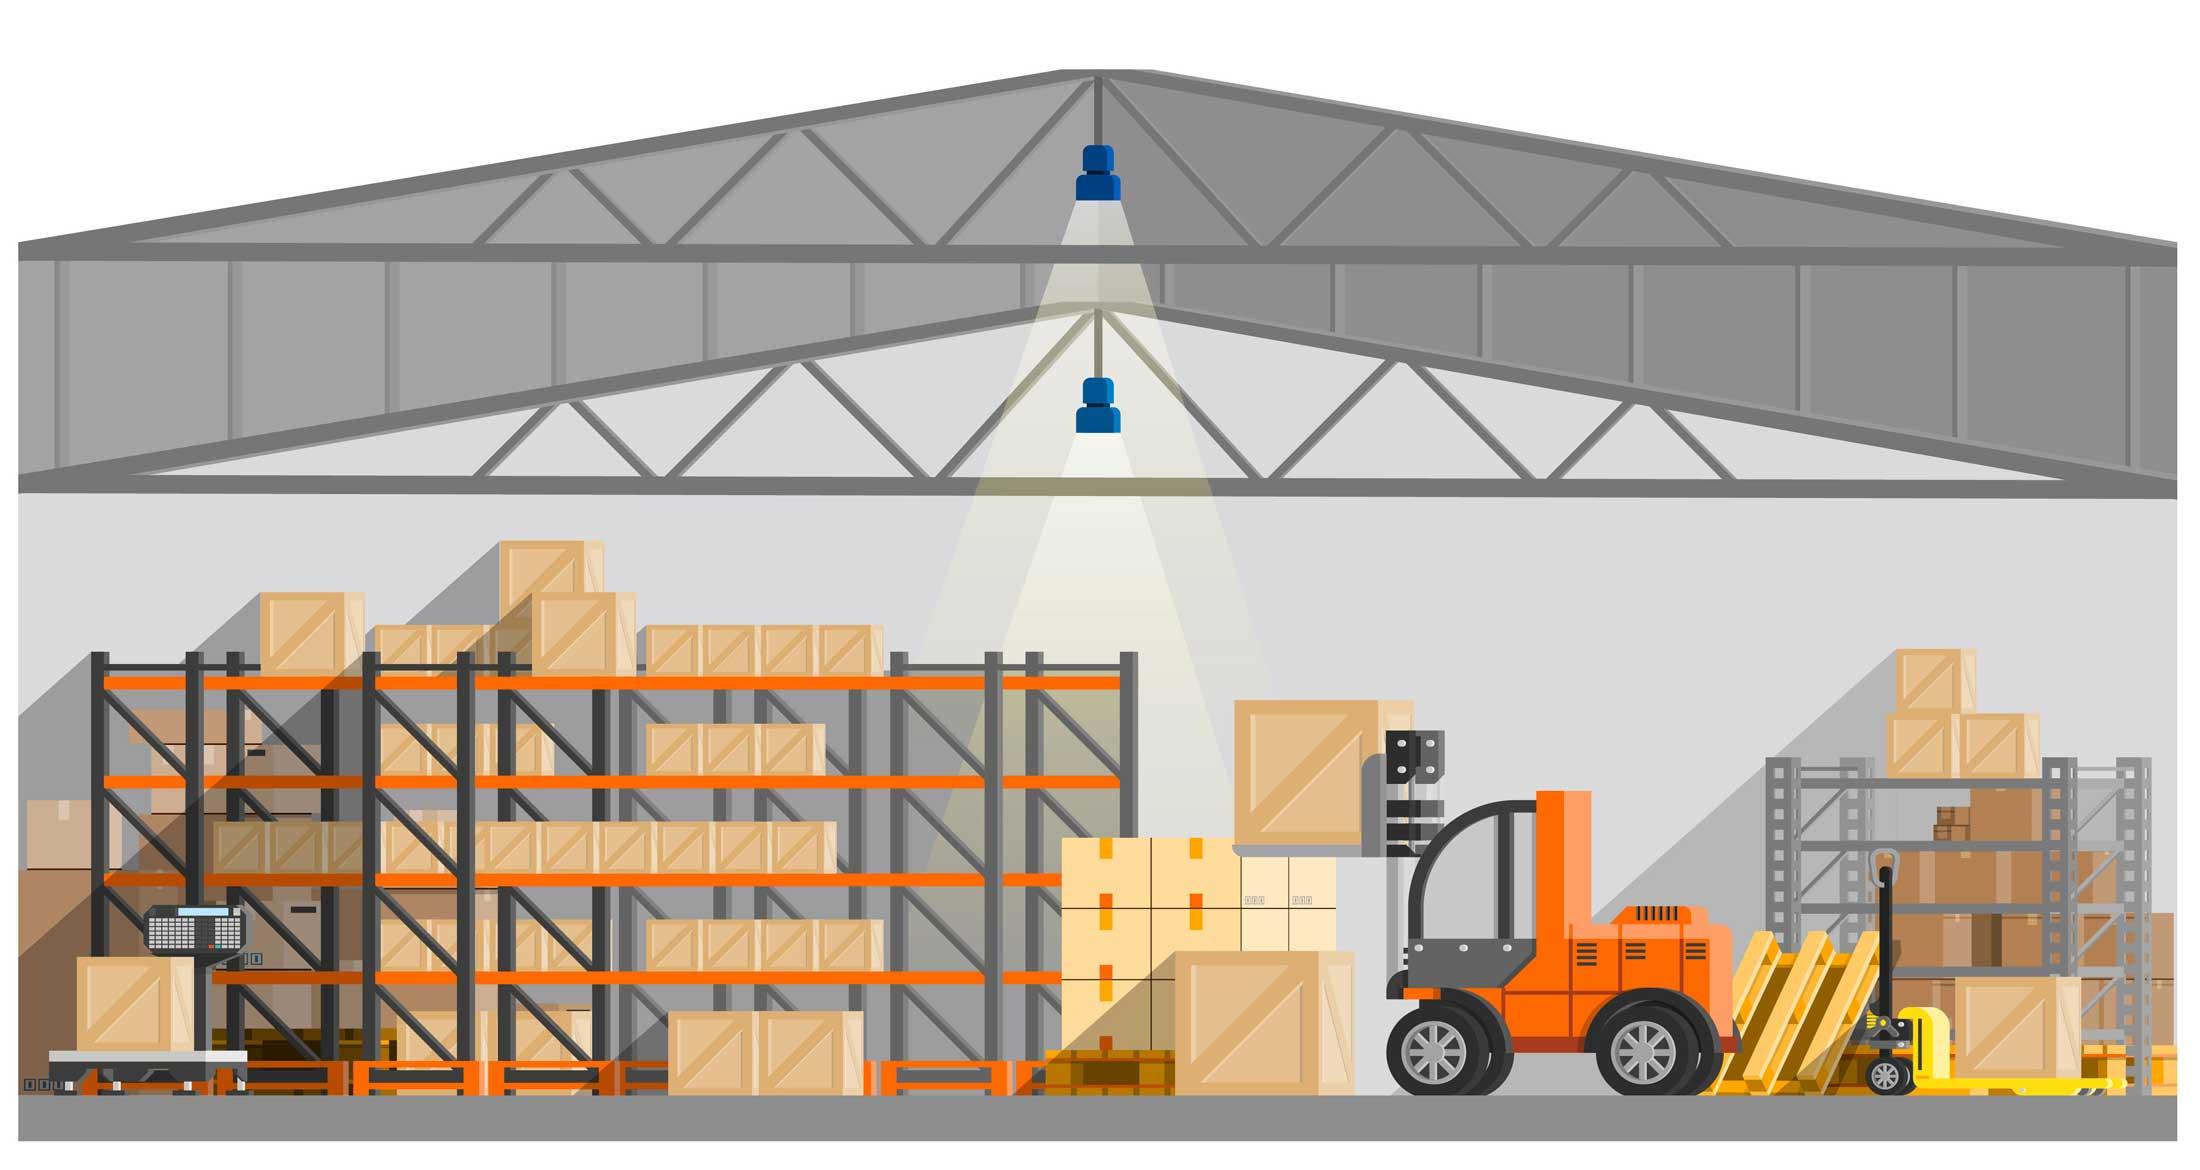 aumentare la redditività aziendale attraverso l'ottimizzazione del magazzino